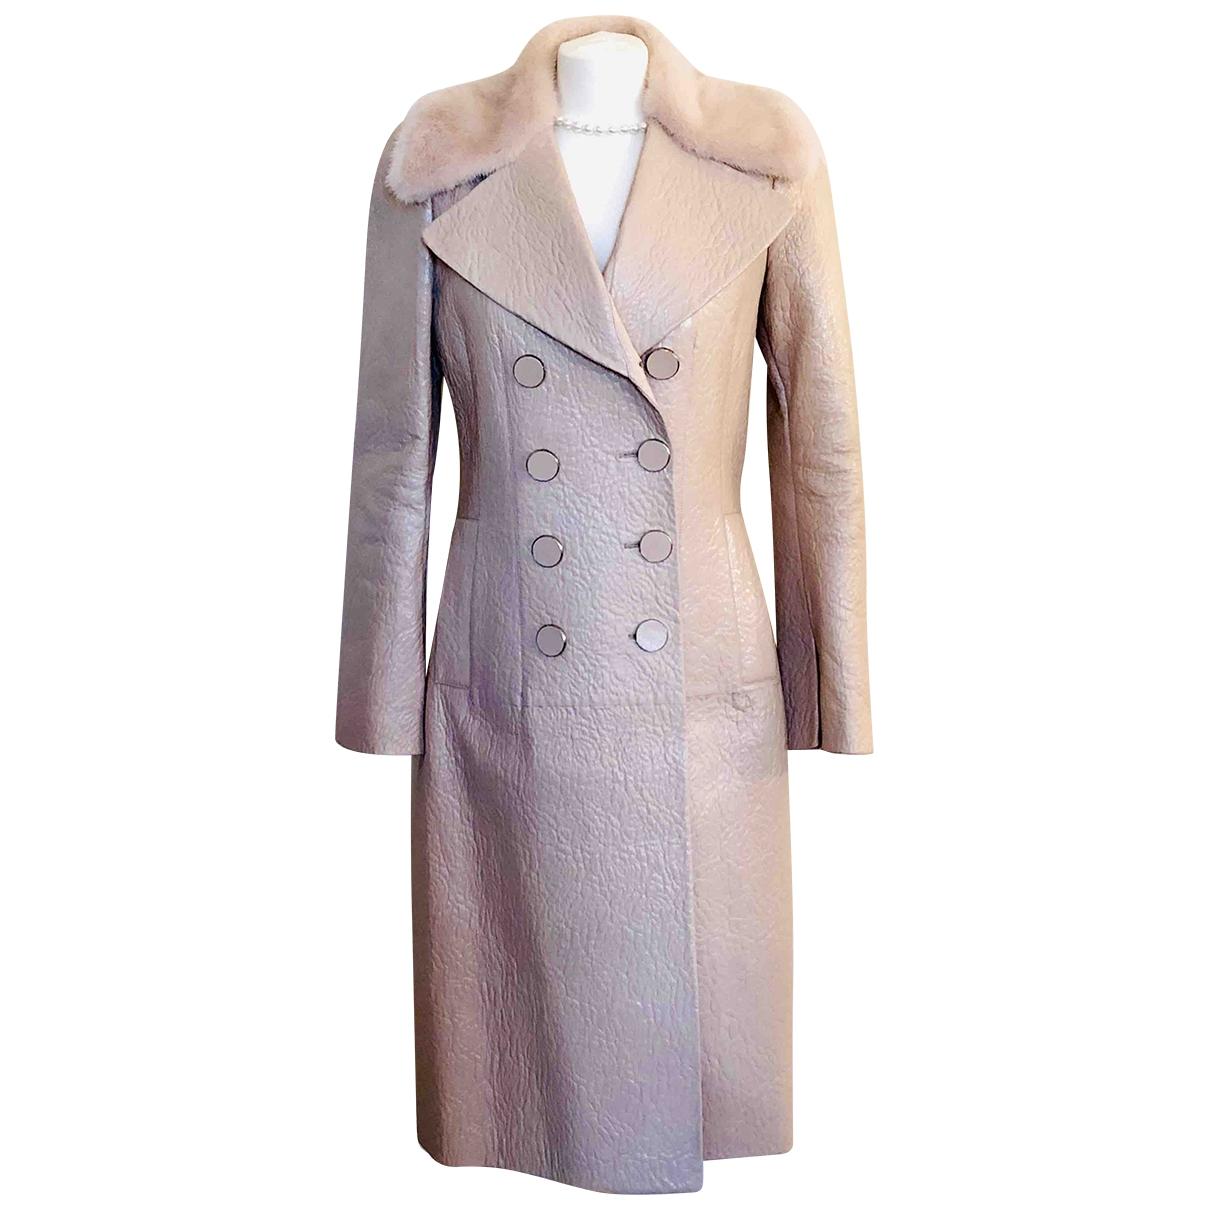 Alexander Mcqueen \N Pink coat for Women 44 IT